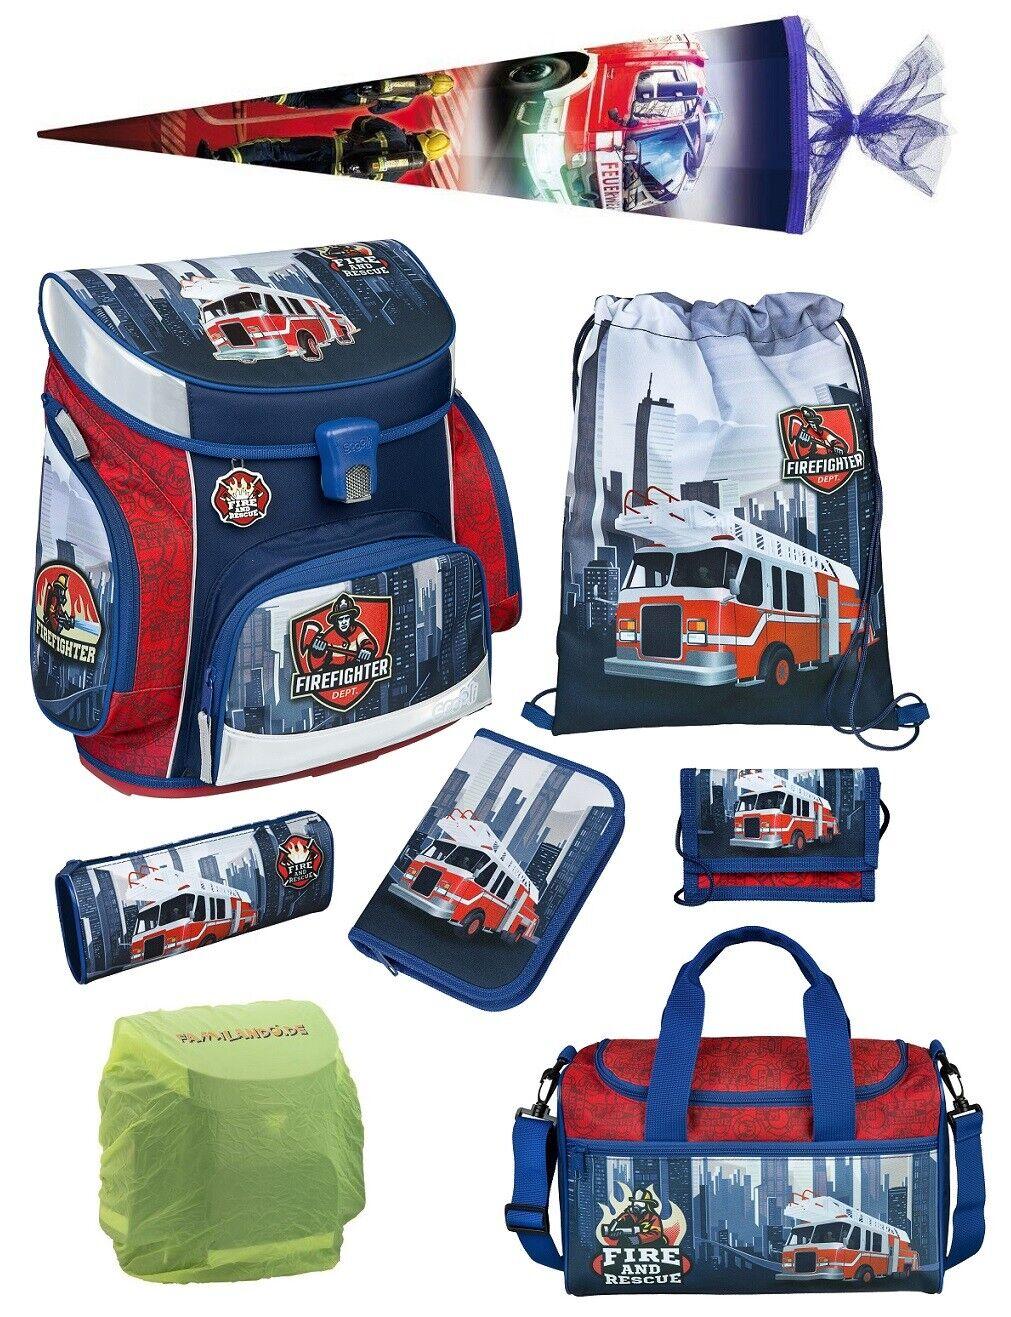 Feuerwehr Scooli Schulranzen Set 8tlg Sporttasche Schultüte 85cm Firefighter NEU   Verschiedene Stile und Stile    Bestellungen Sind Willkommen    Die erste Reihe von umfassenden Spezifikationen für Kunden